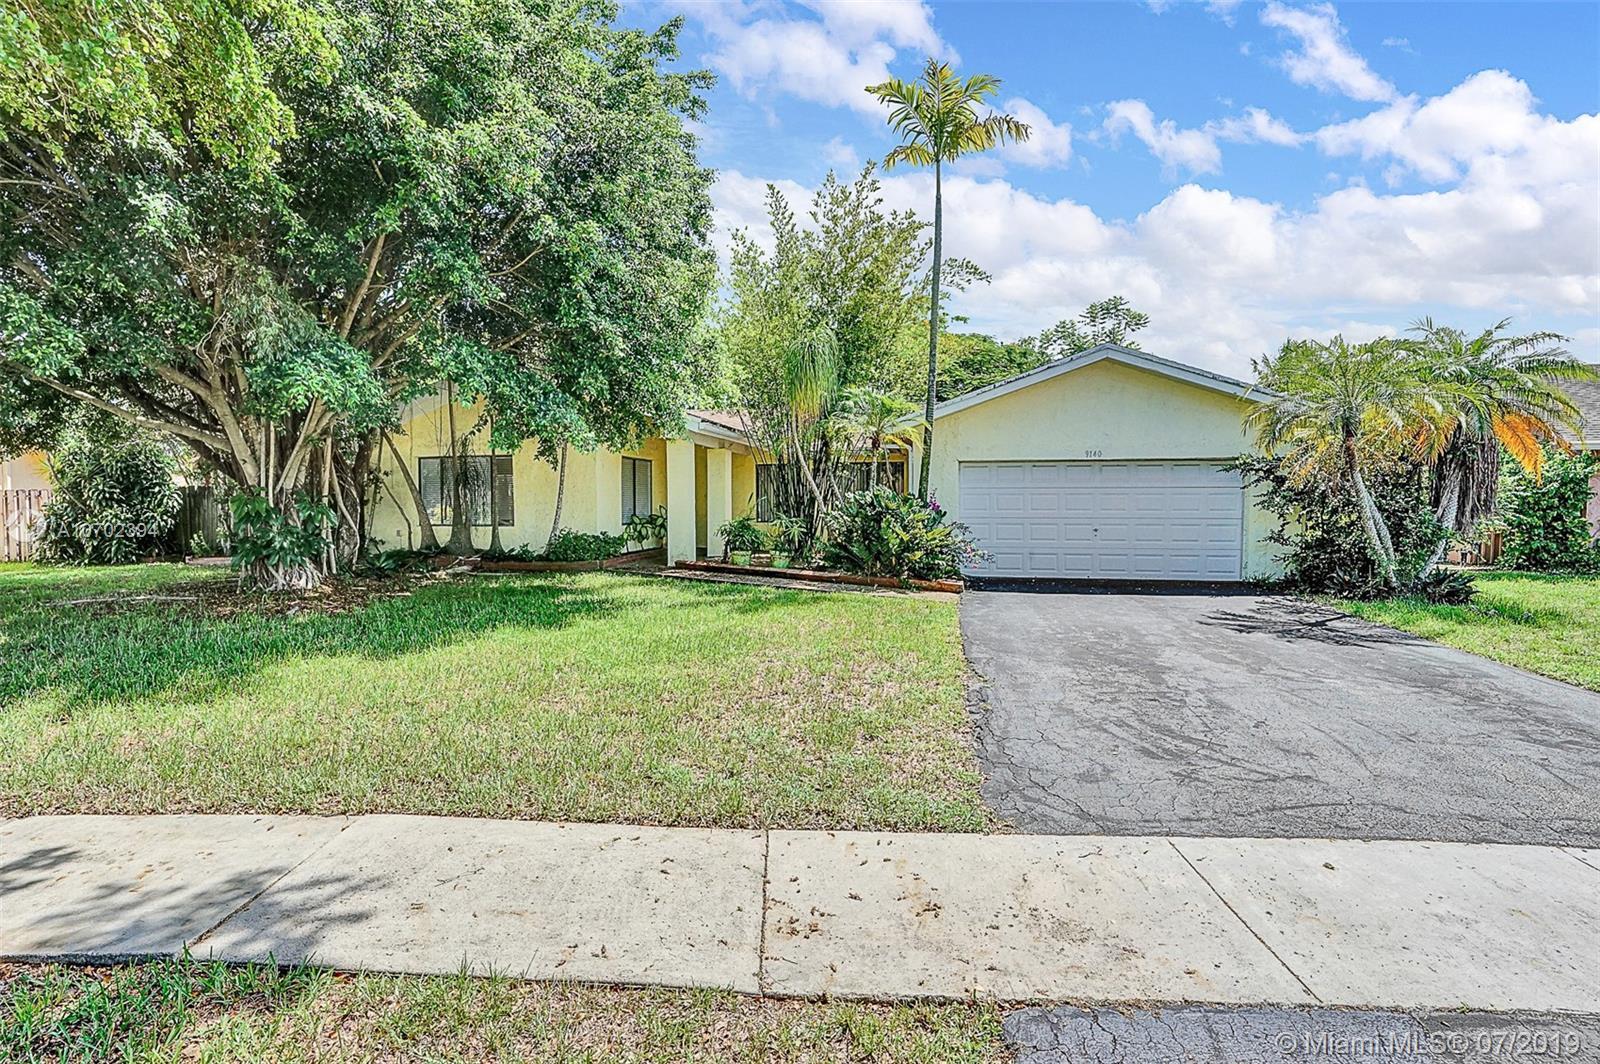 9140 NW 15th St, Plantation, FL 33322